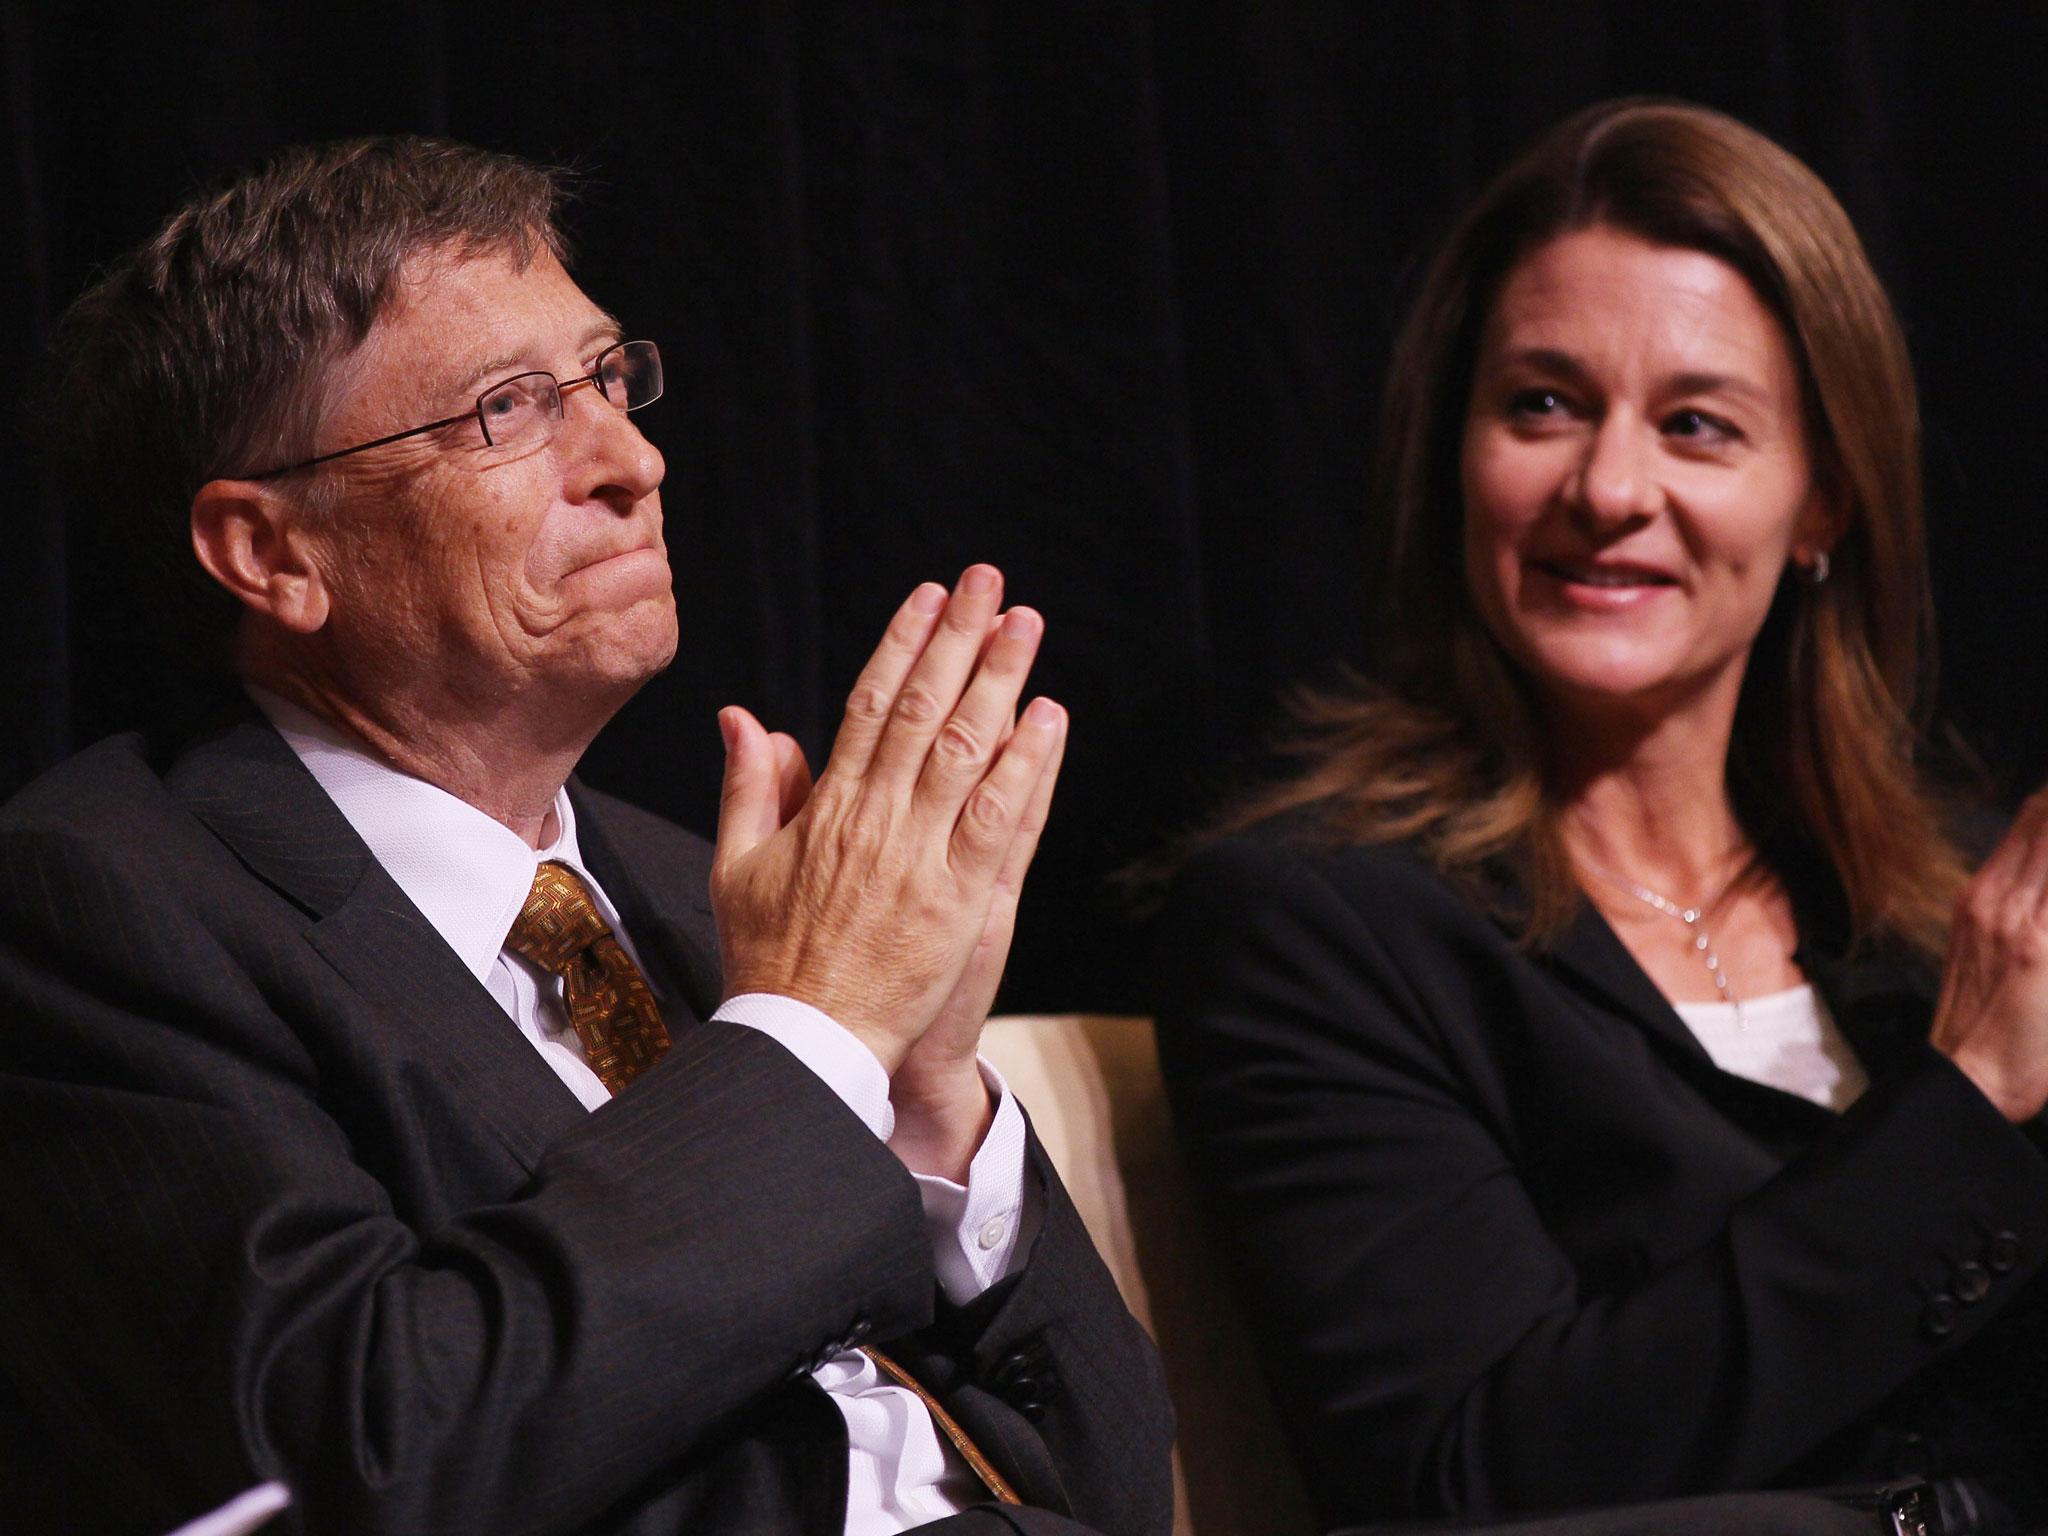 Билл и Мелинда Гейтс Состояние Билла Гейтса на ноябрь 2016 года — 80 миллиардов долларов. Билл позна